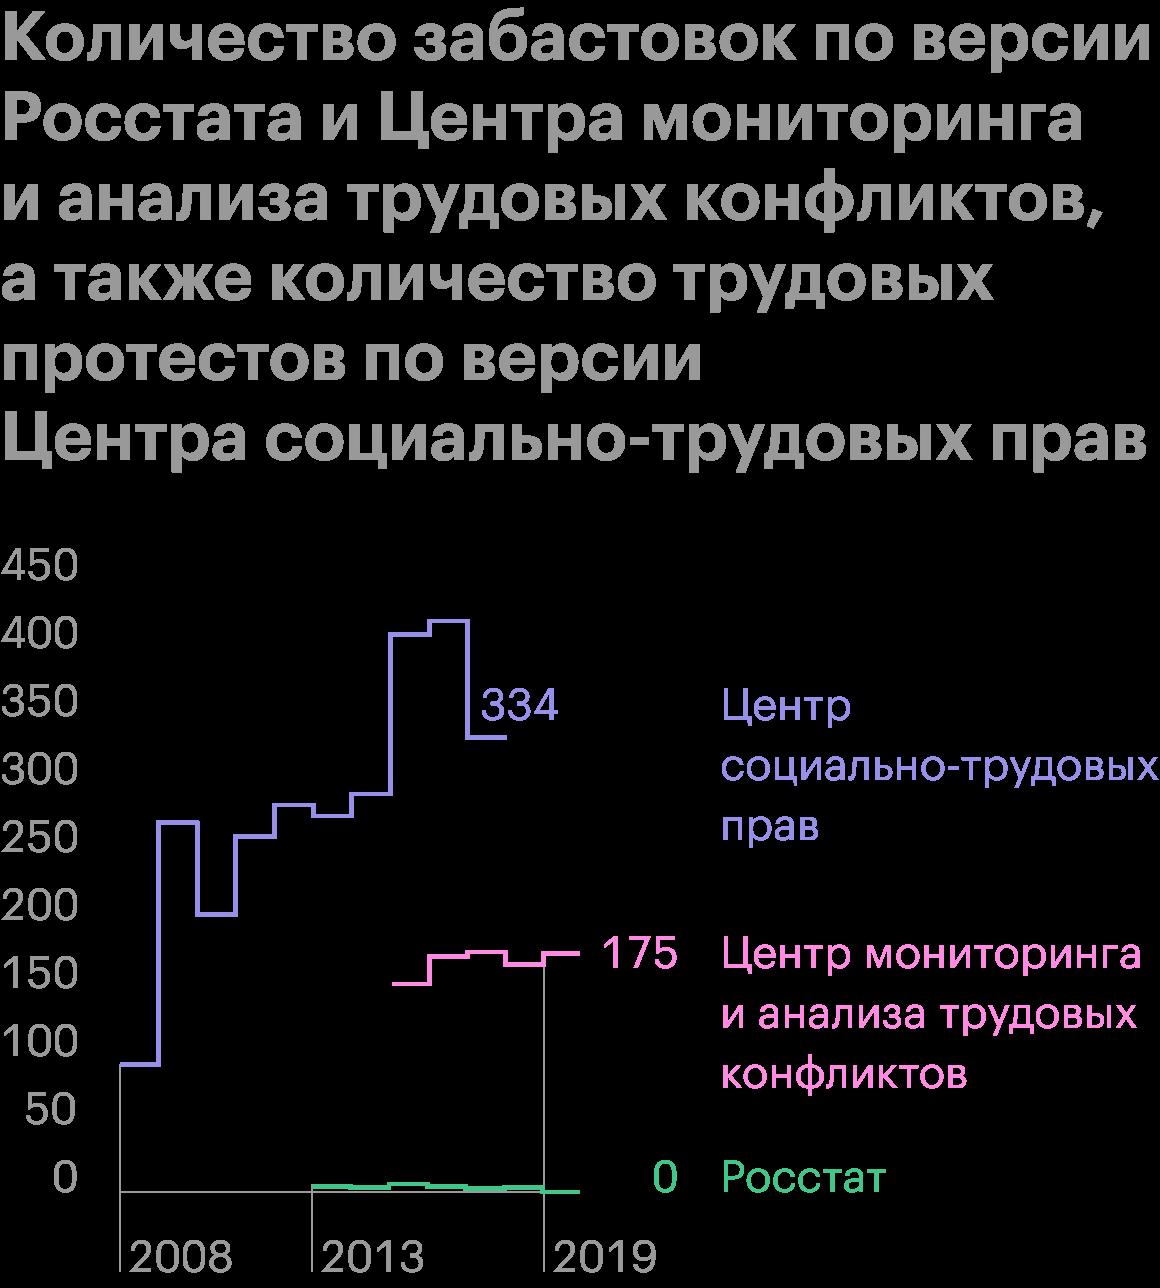 Источник: Росстат, ЦМиАТК и ЦСТП